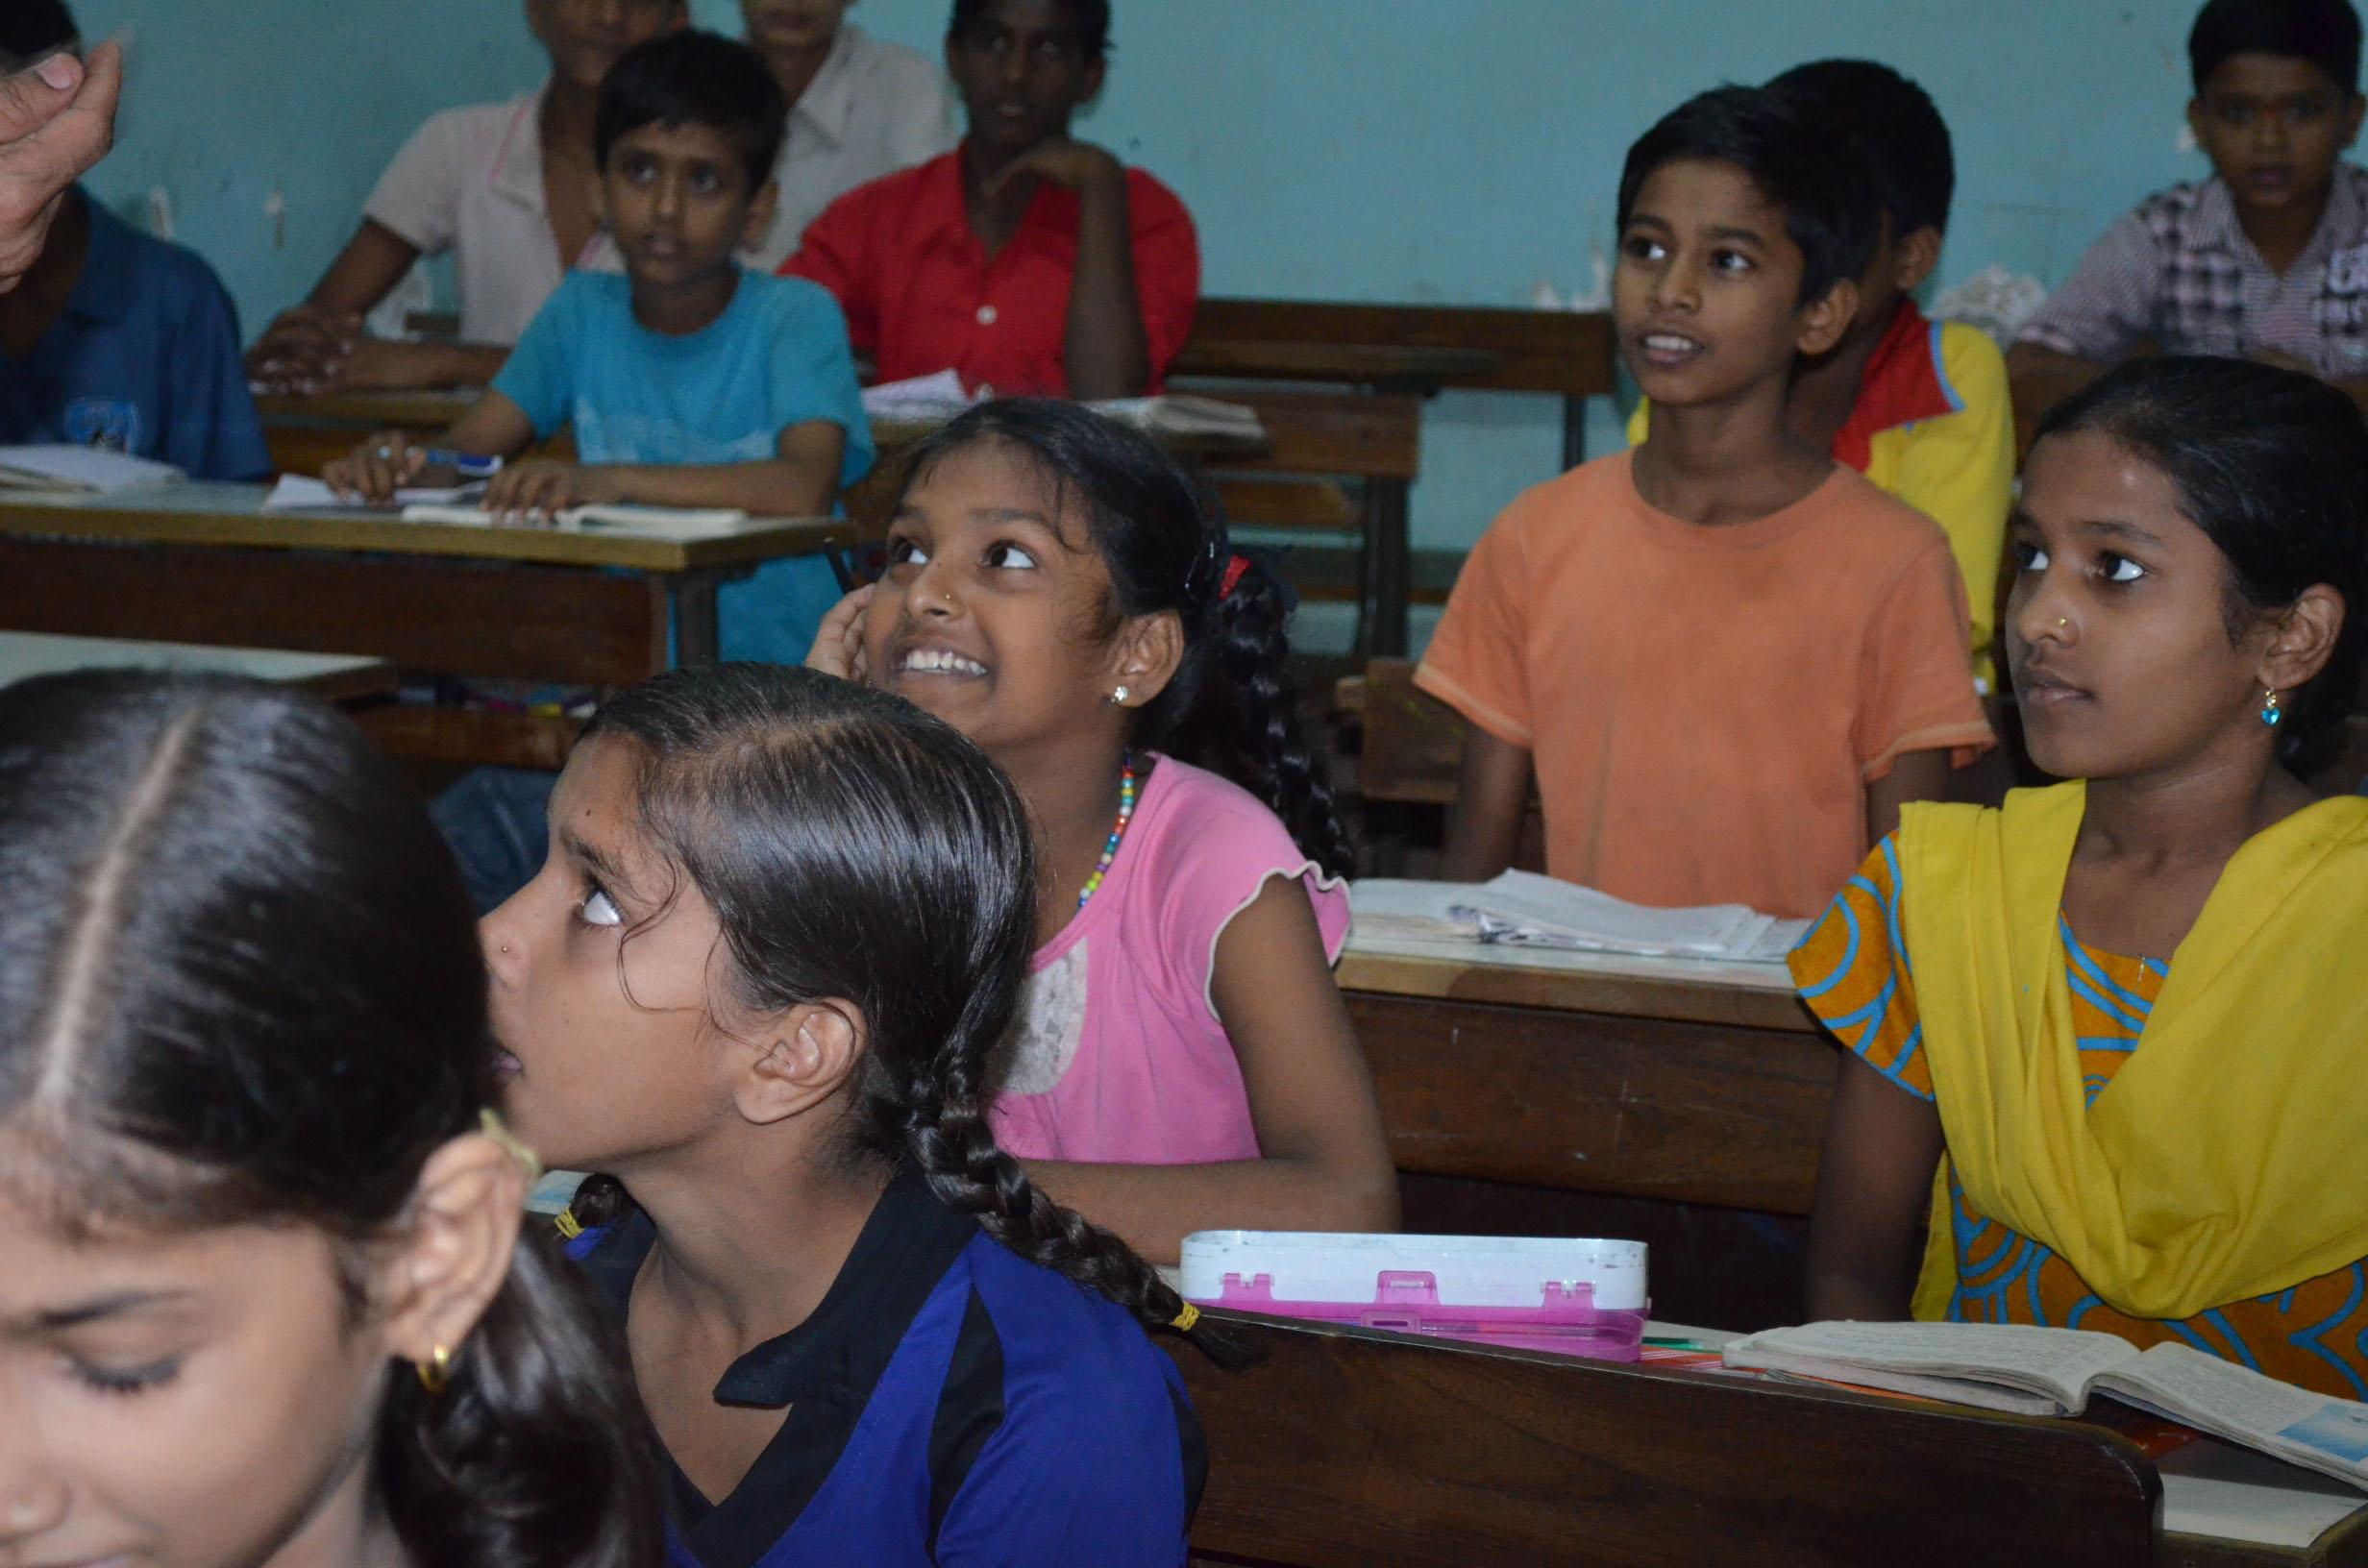 Jeder kann Sankt Martin sein: Kinder starten Kleiderteilaktion für Indien